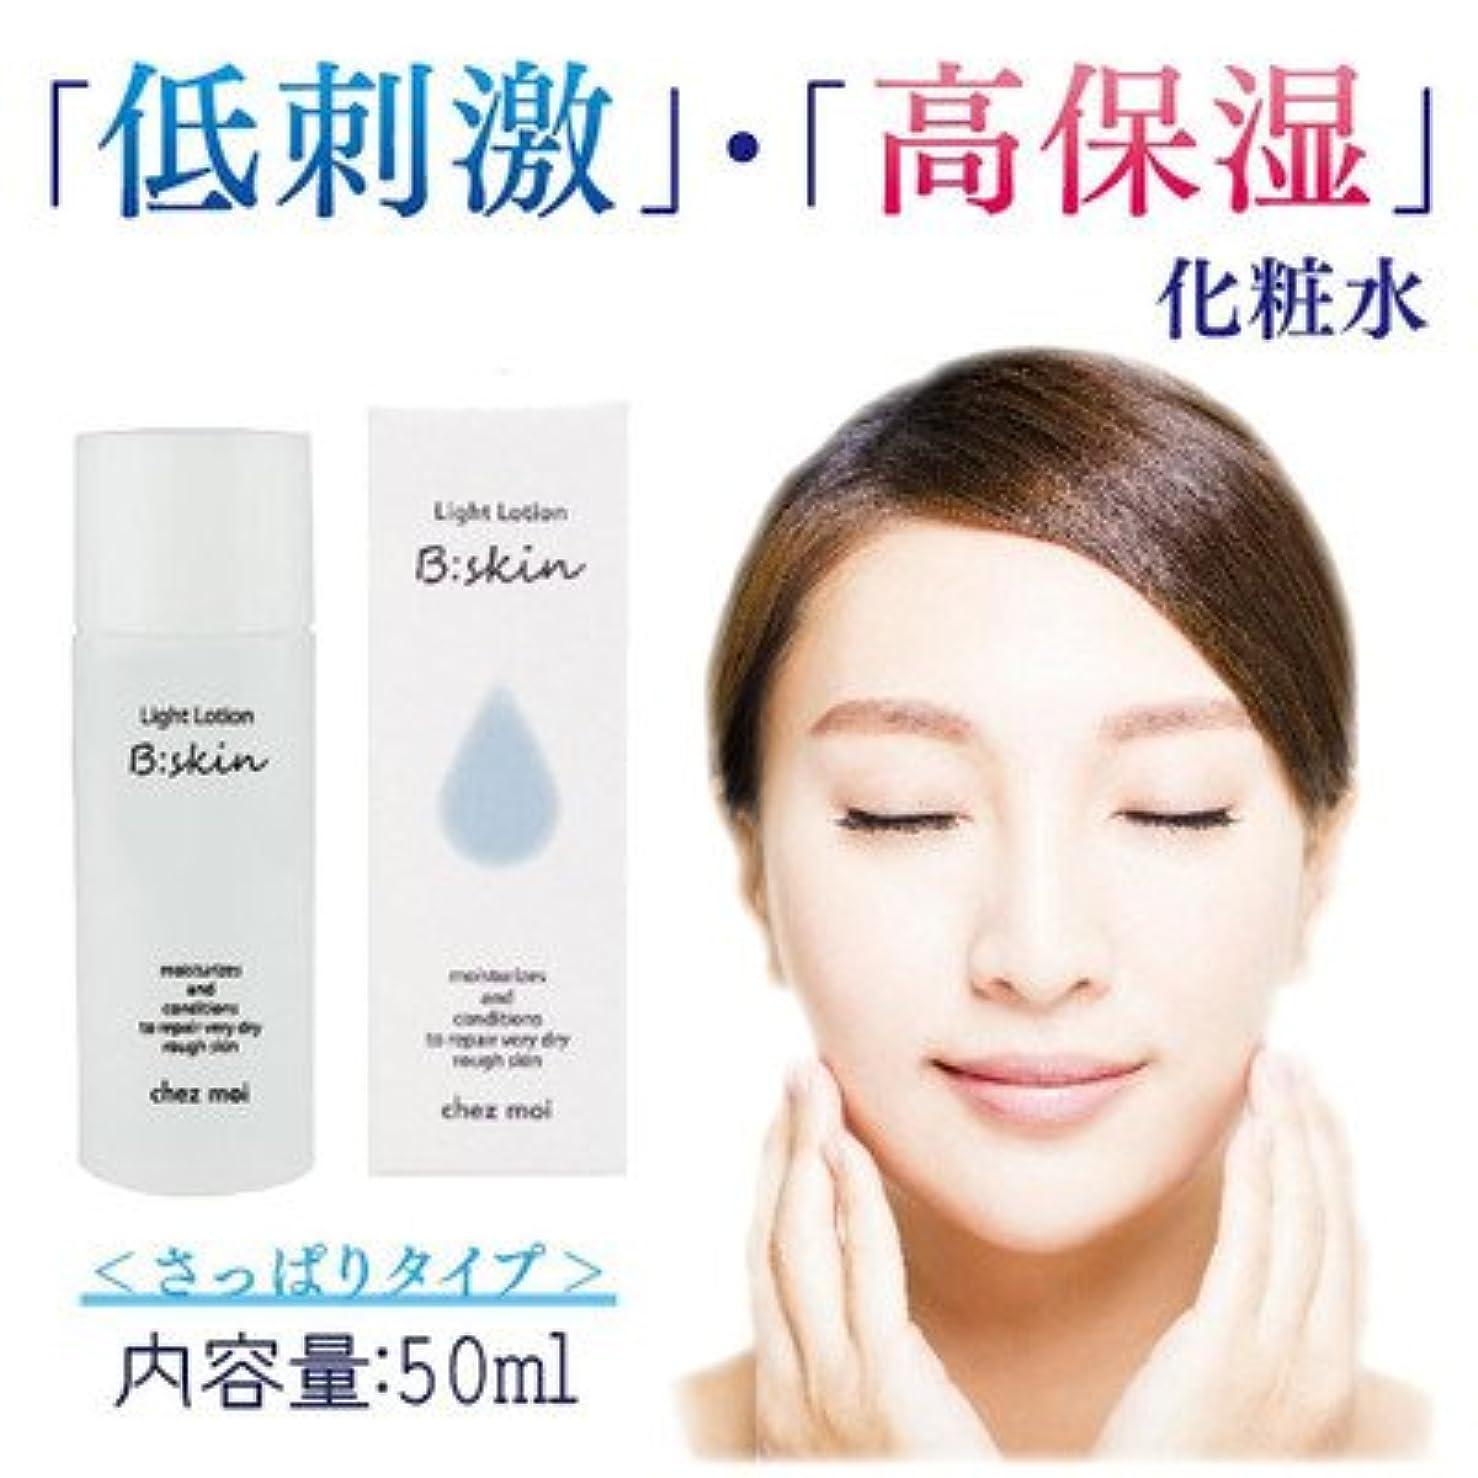 手足十分軽蔑する低刺激 高保湿 さっぱりタイプの化粧水 B:skin ビースキン Light Lotion ライトローション さっぱりタイプ 化粧水 50mL